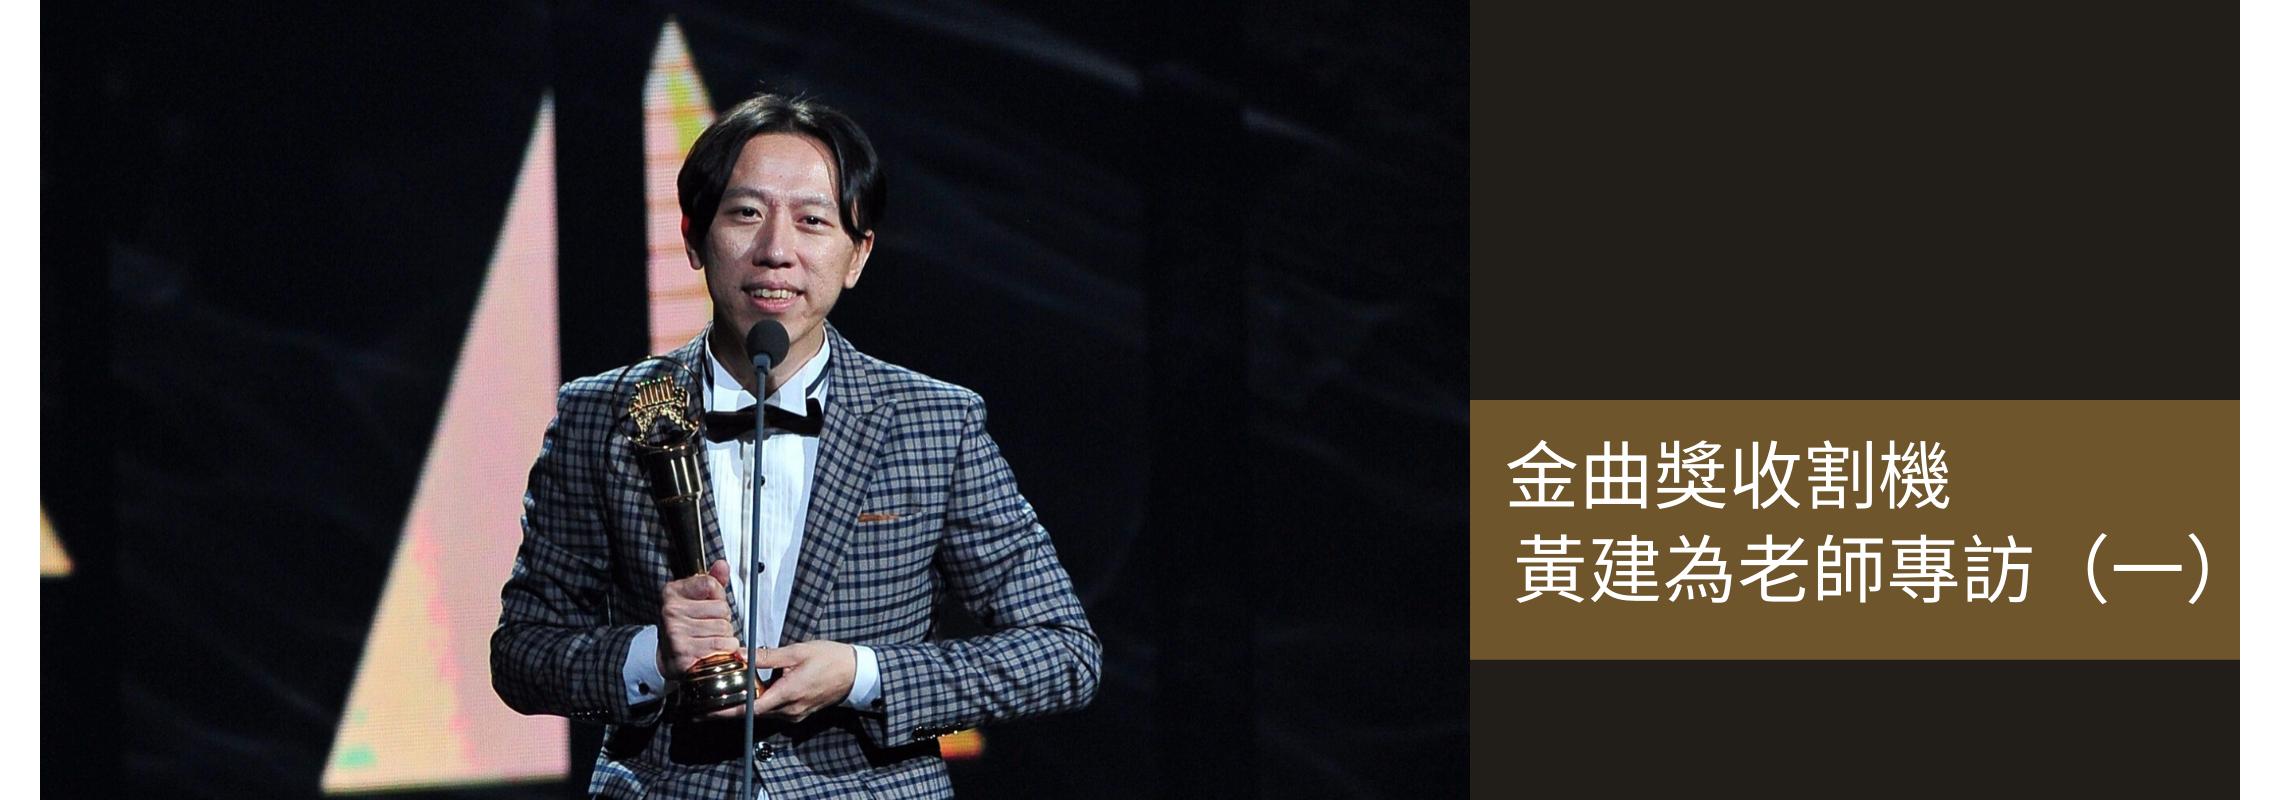 黃建為專訪(一):金曲獎《最佳新人獎》到《最佳單曲製作人獎》的距離有多遠?